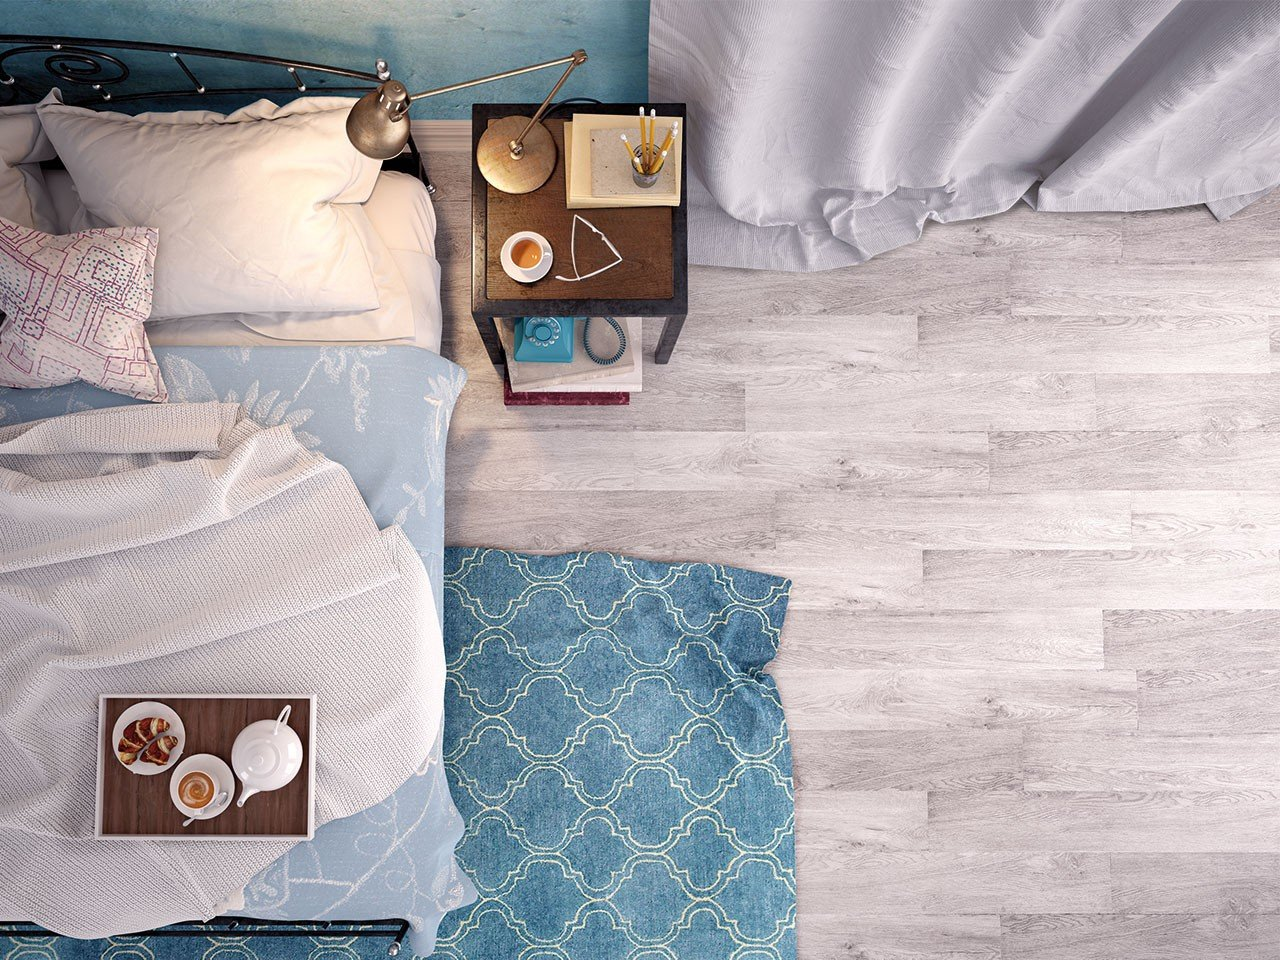 Immagini Per Pareti Cucina Adesivo Murale Wall Art Quot Rami Di Camp  #633F31 1280 960 Colori Pareti Pitturare Interni Salotto Salone Sala Da Pranzo